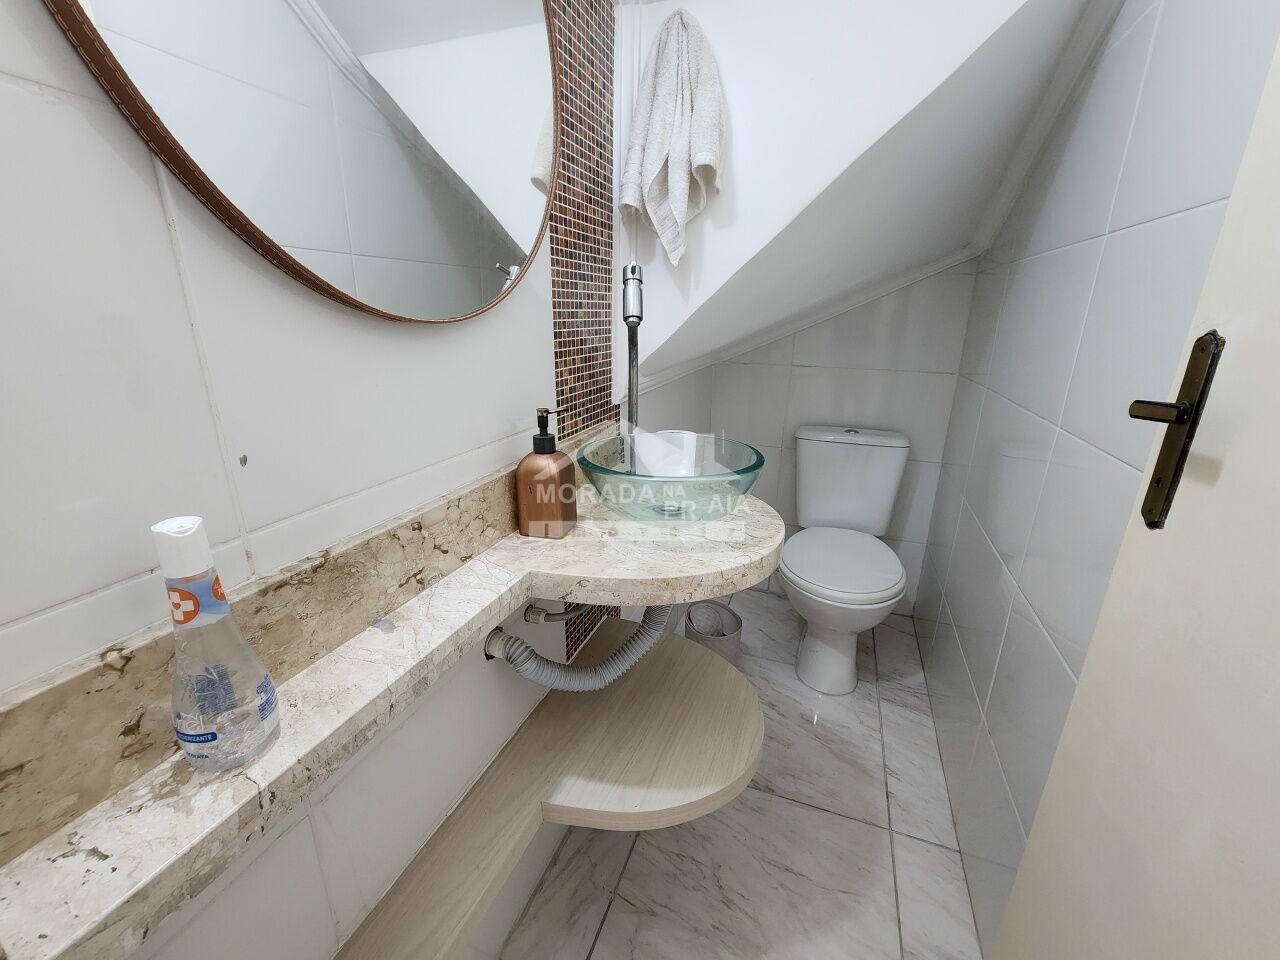 Corredor do condomínio fechado com 2 dormitórios em GUILHERMINA - PRAIA GRANDE